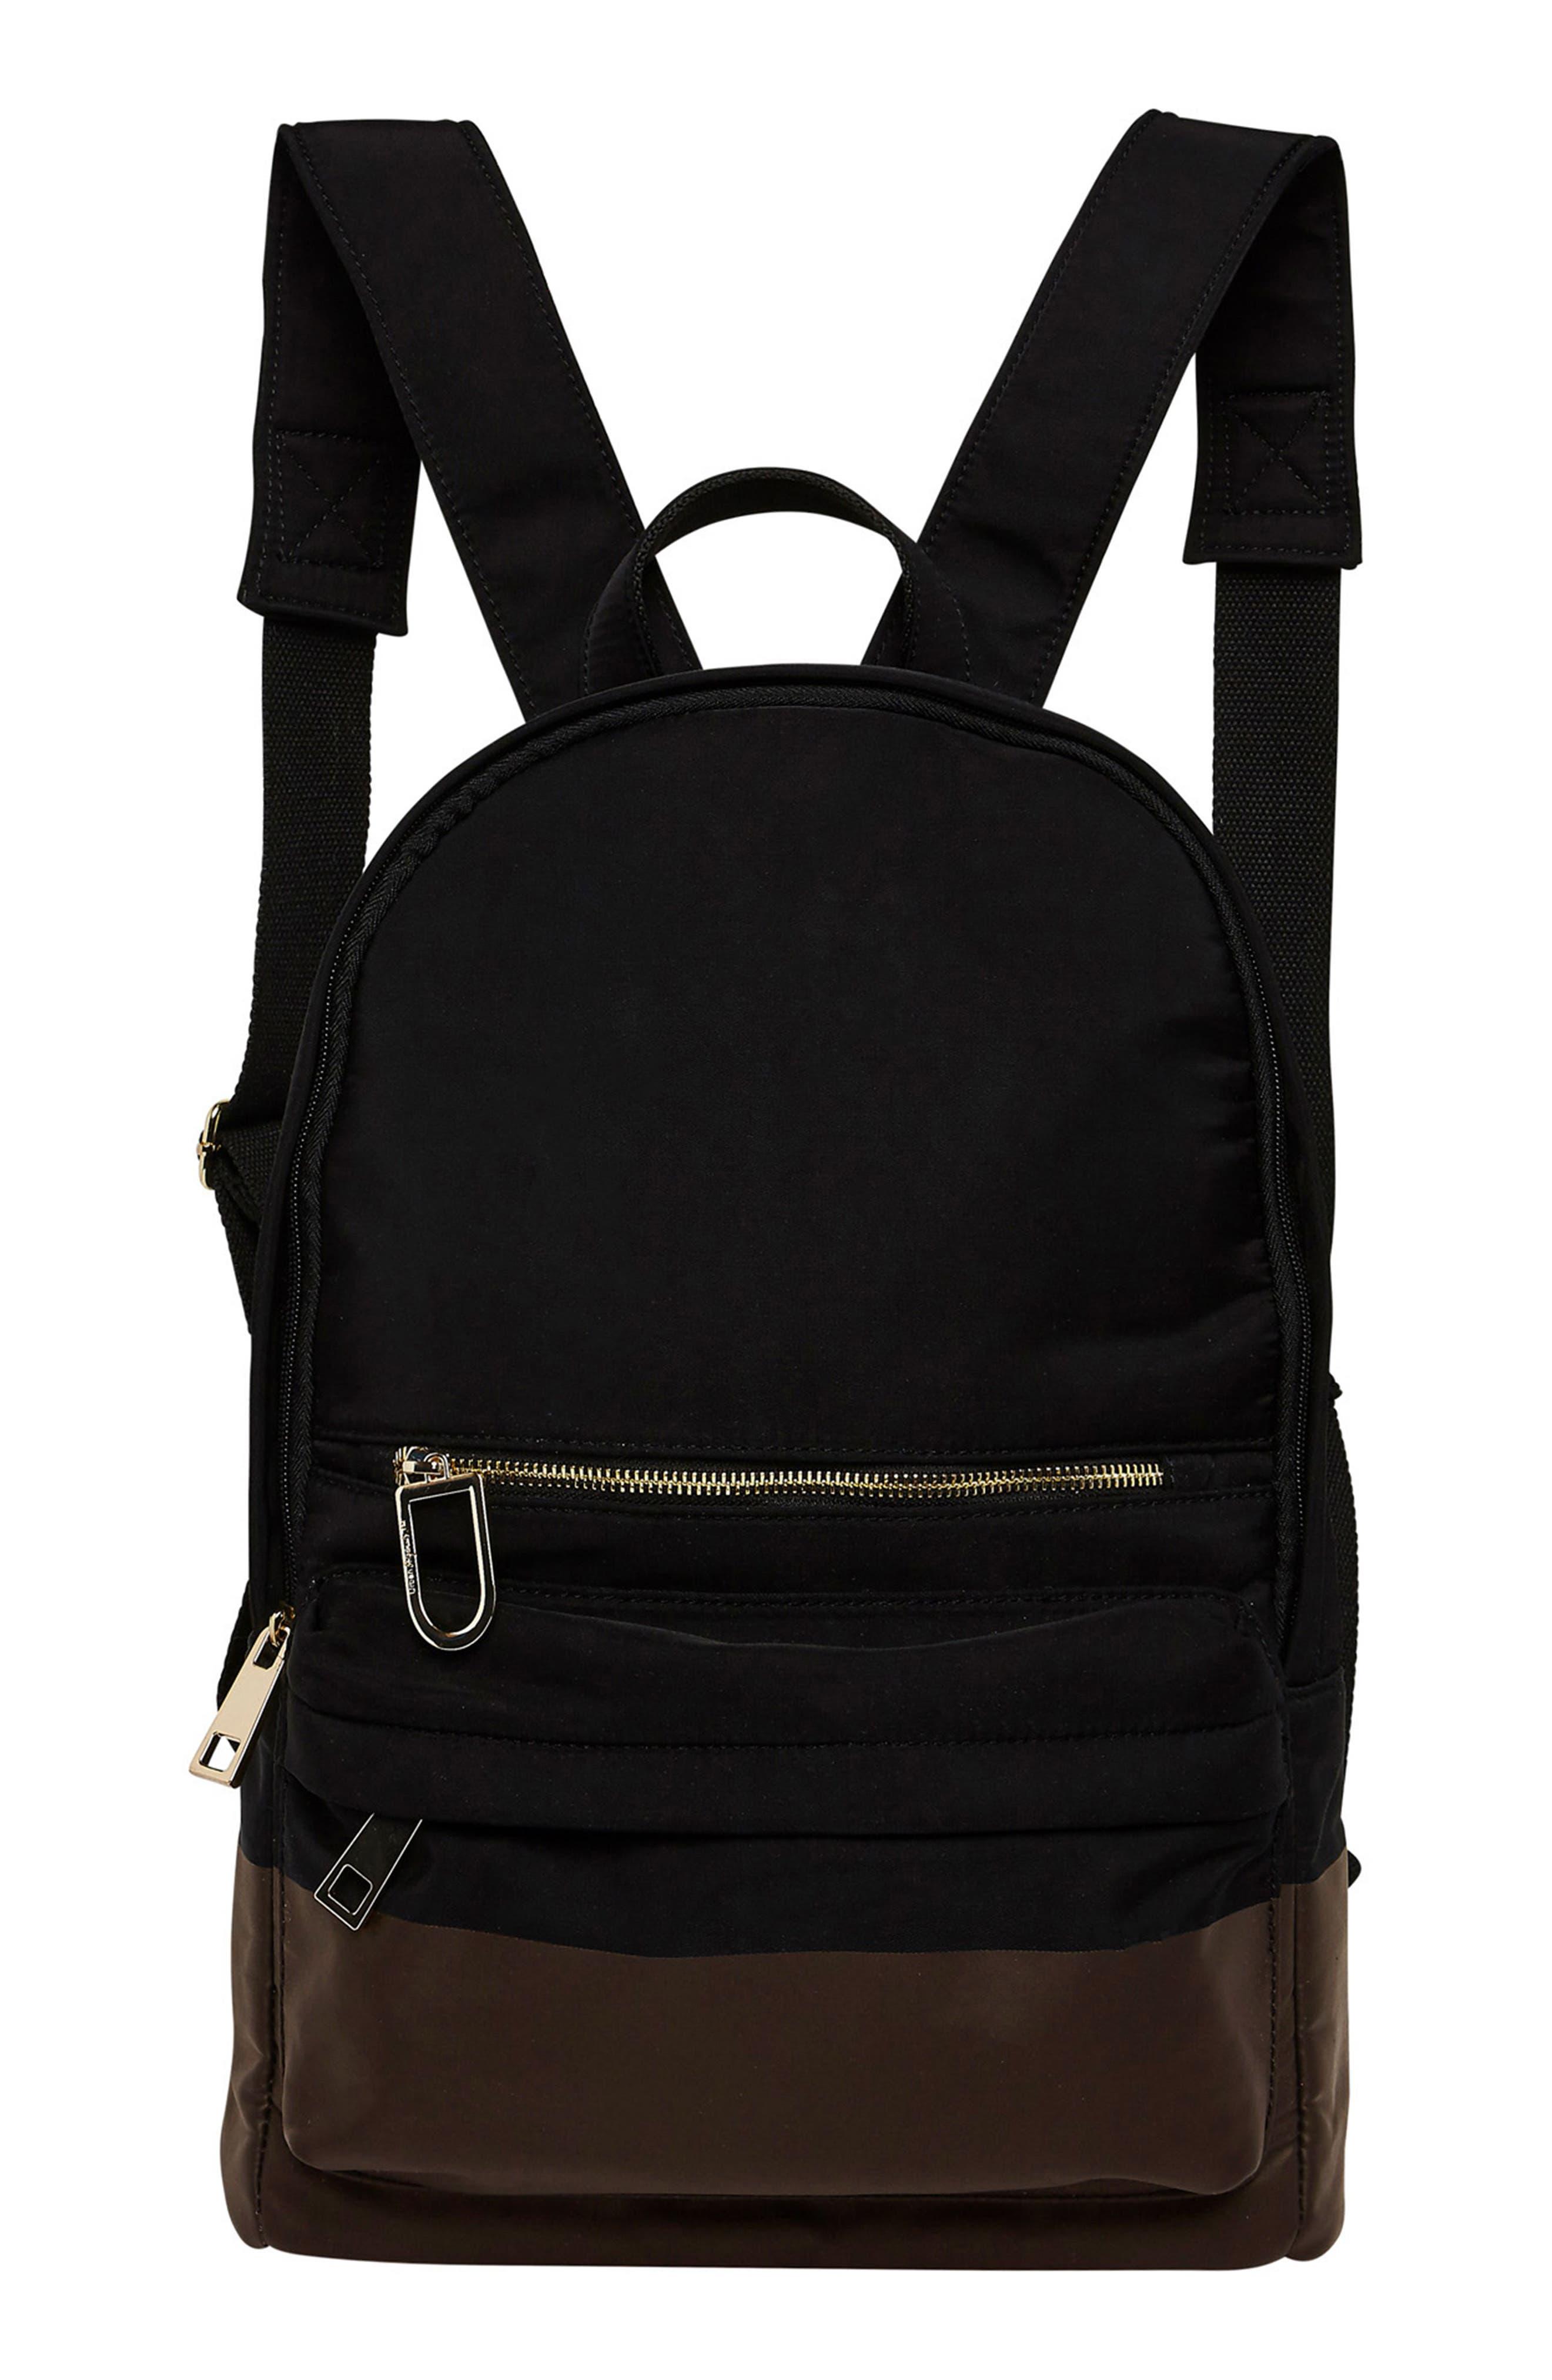 Main Image - Urban Originals Own Beat Vegan Leather Backpack